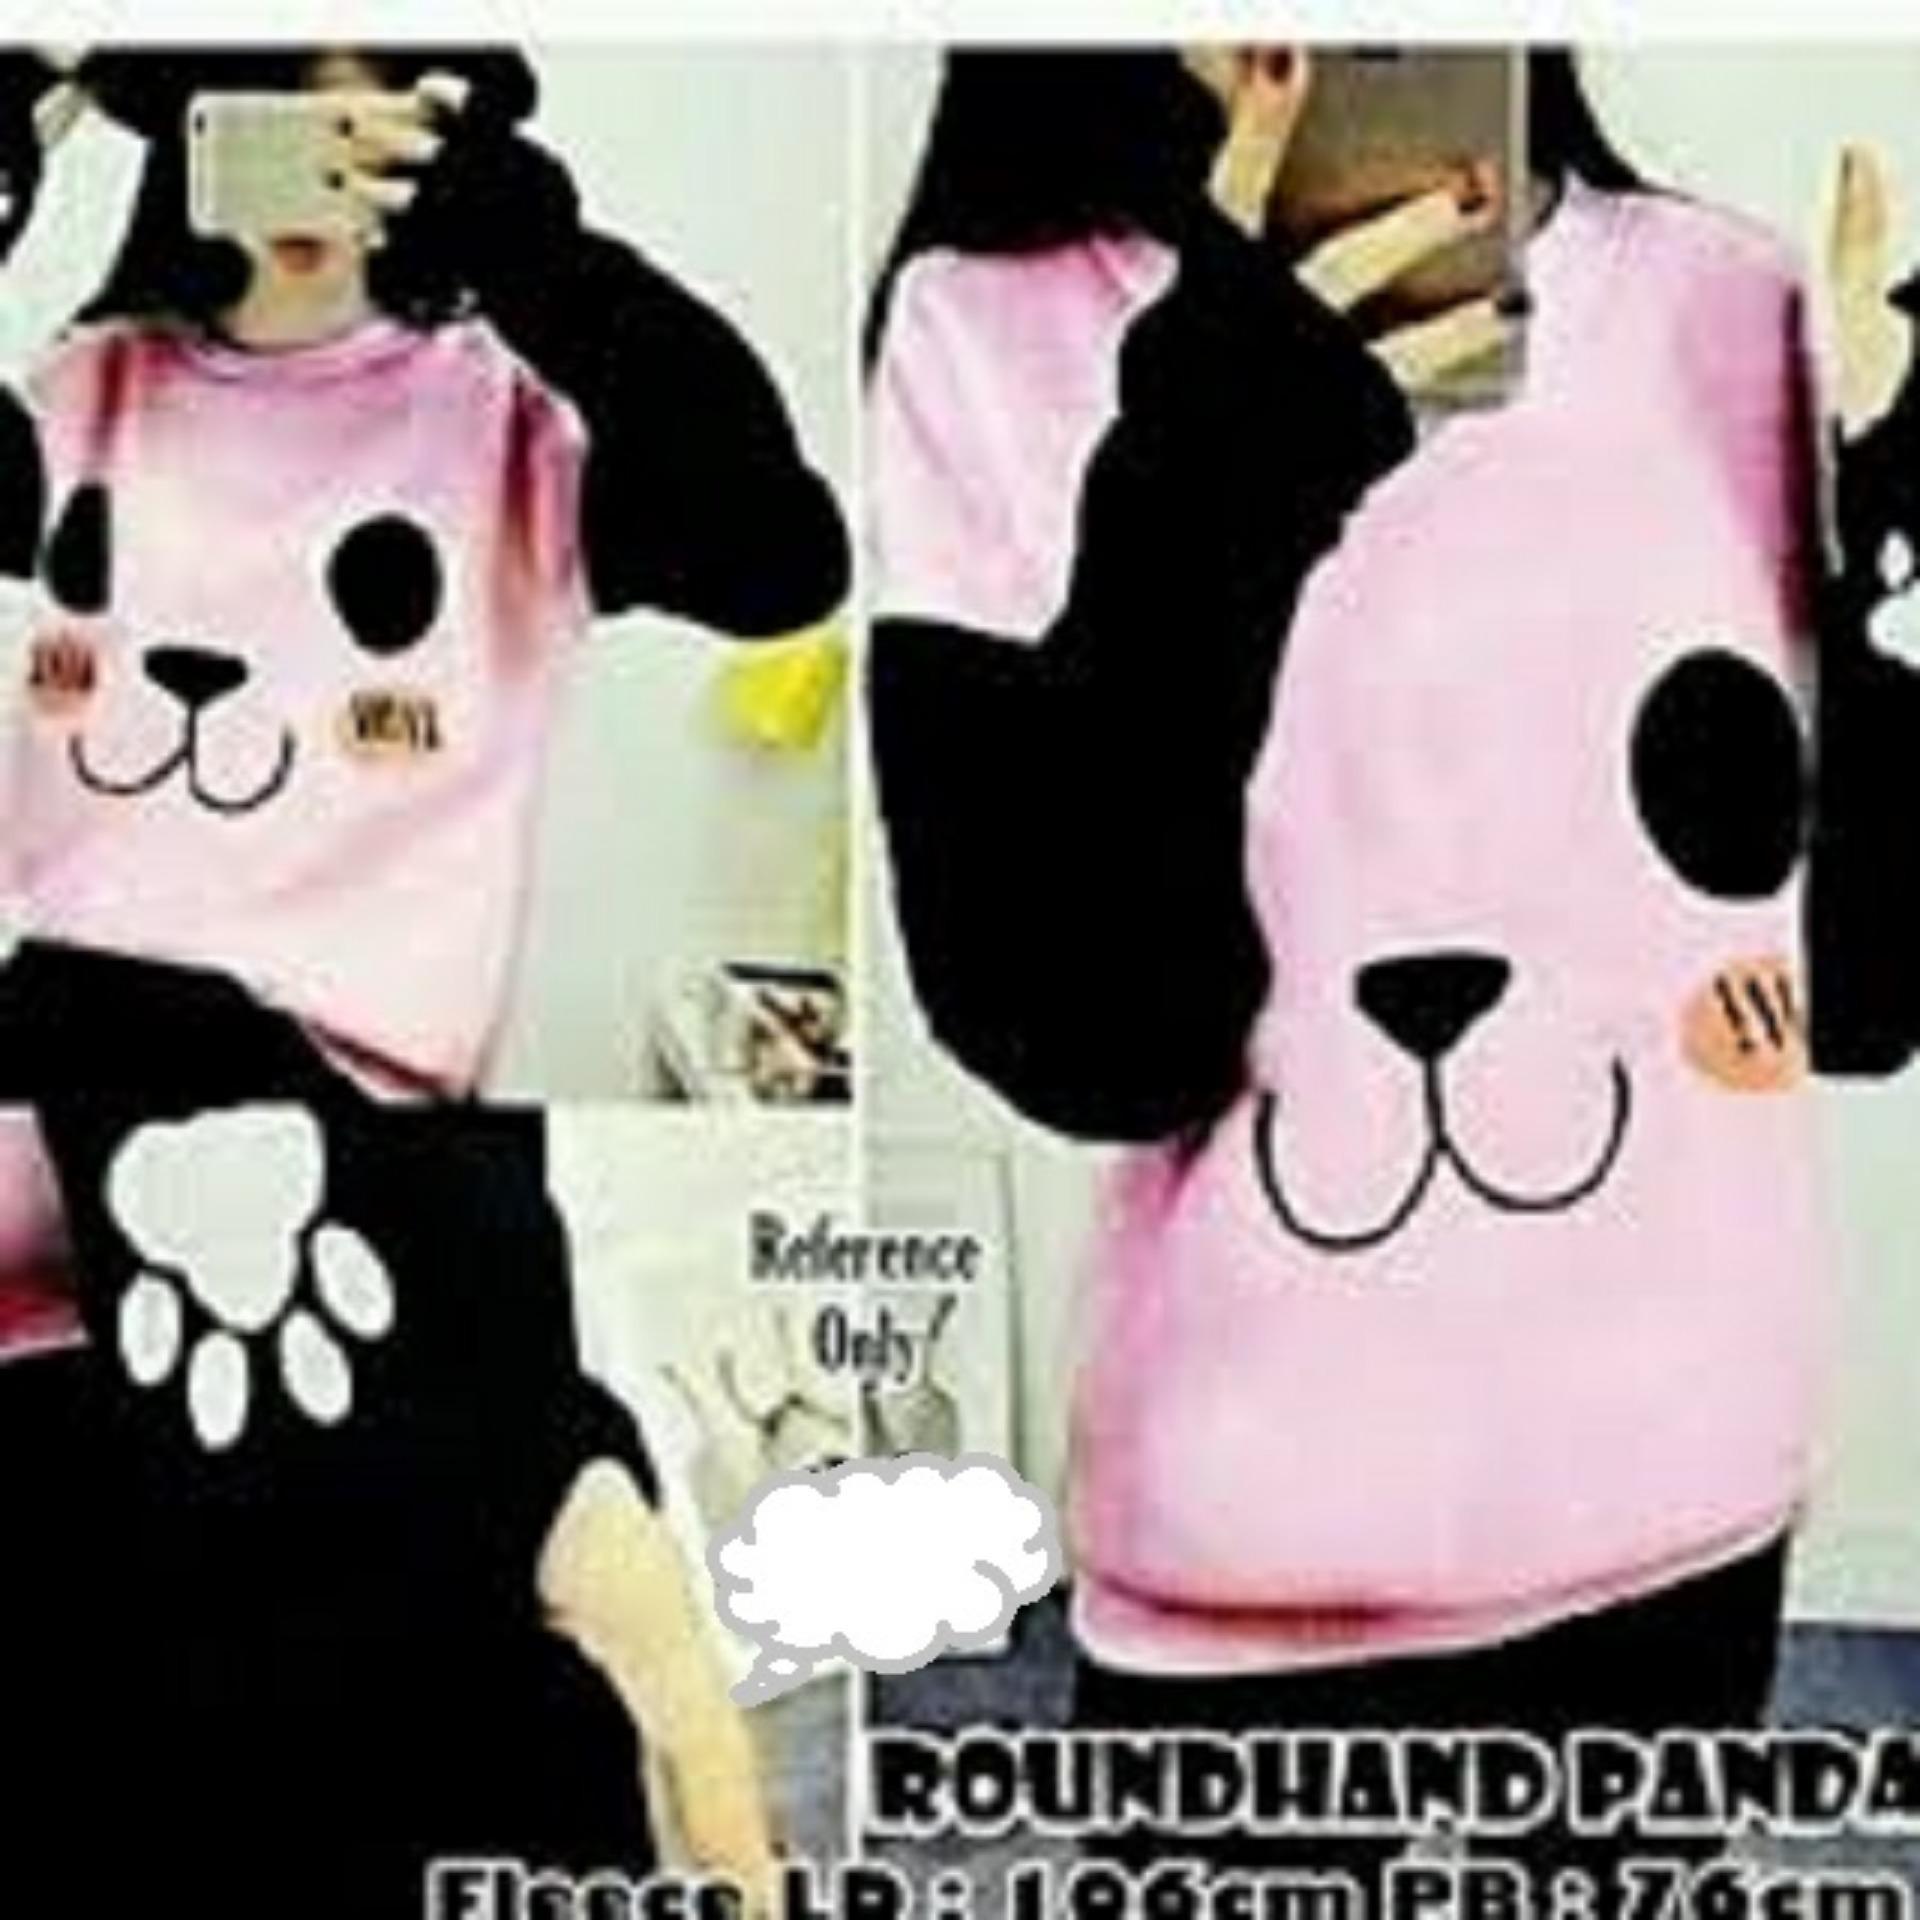 Spesifikasi Sweater Wanita Roundhand Panda Good Quality Pink Online